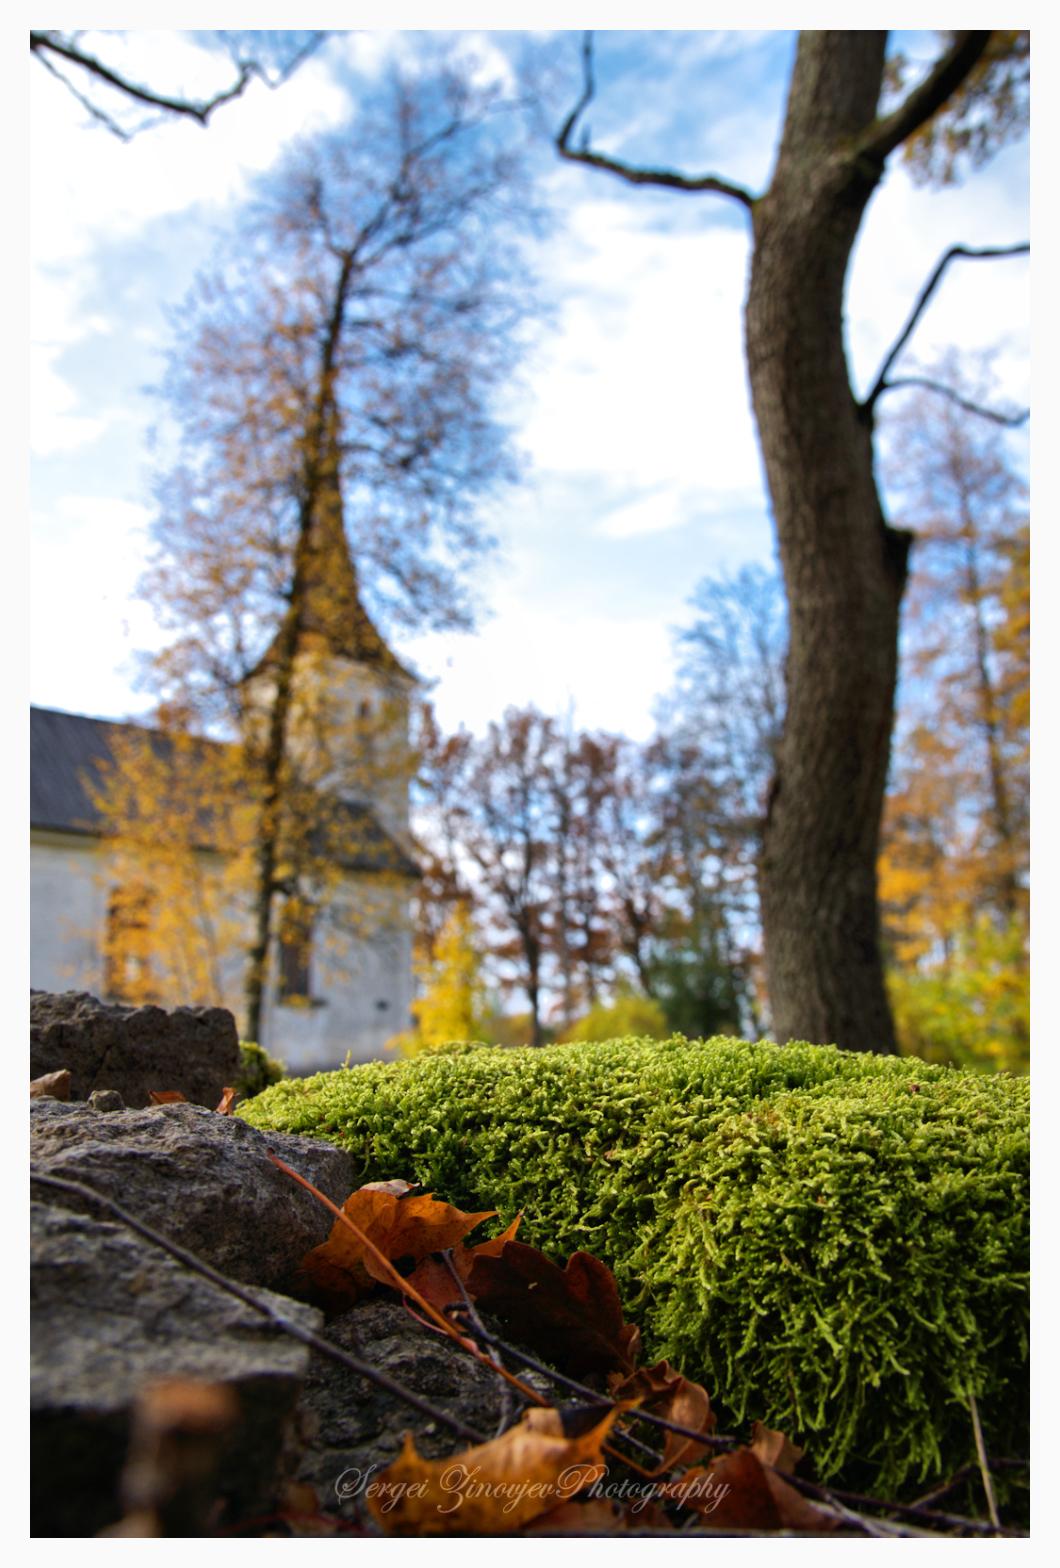 Autumn in Anna parish